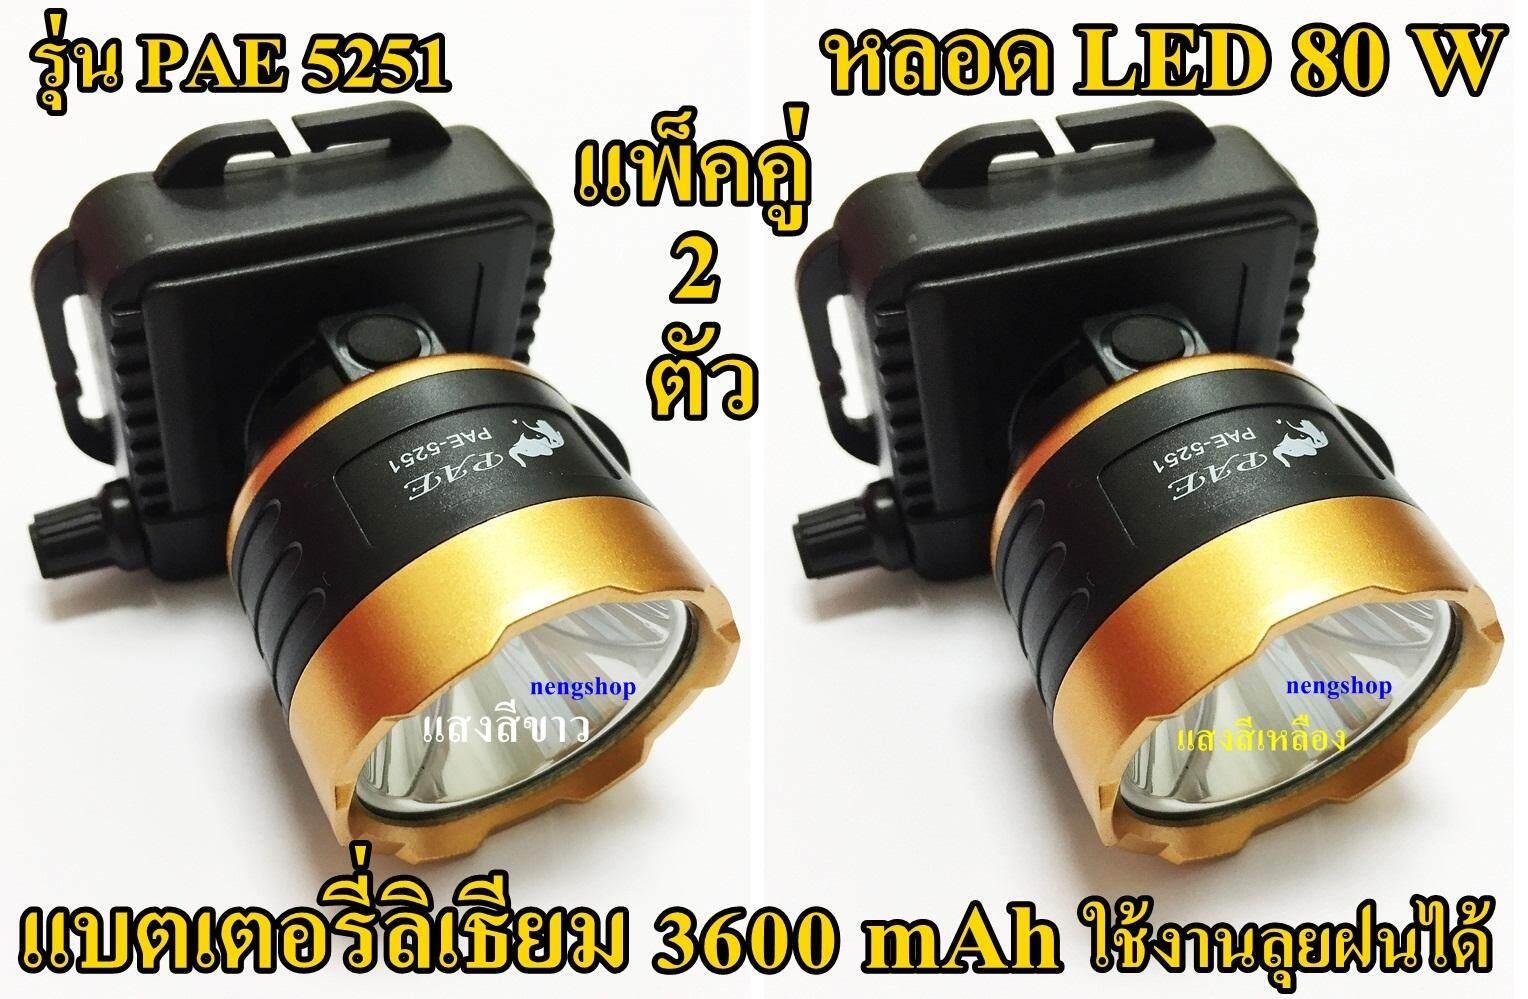 (แพ็ค 2 ตัว) แสงสีเหลือง/สีขาว ไฟฉายคาดหัว ไฟฉายคาดศรีษะ ไฟฉายแรงสูง ตราช้าง ตราเสือ ไฟฉาย รุ่น PAE - 5251 ลุยน้ำลุยฝน แสงพุ่งไกล 1000 เมตร หลอด LED 80 W แบตเตอรี่ลิเธียม 3600 mAh